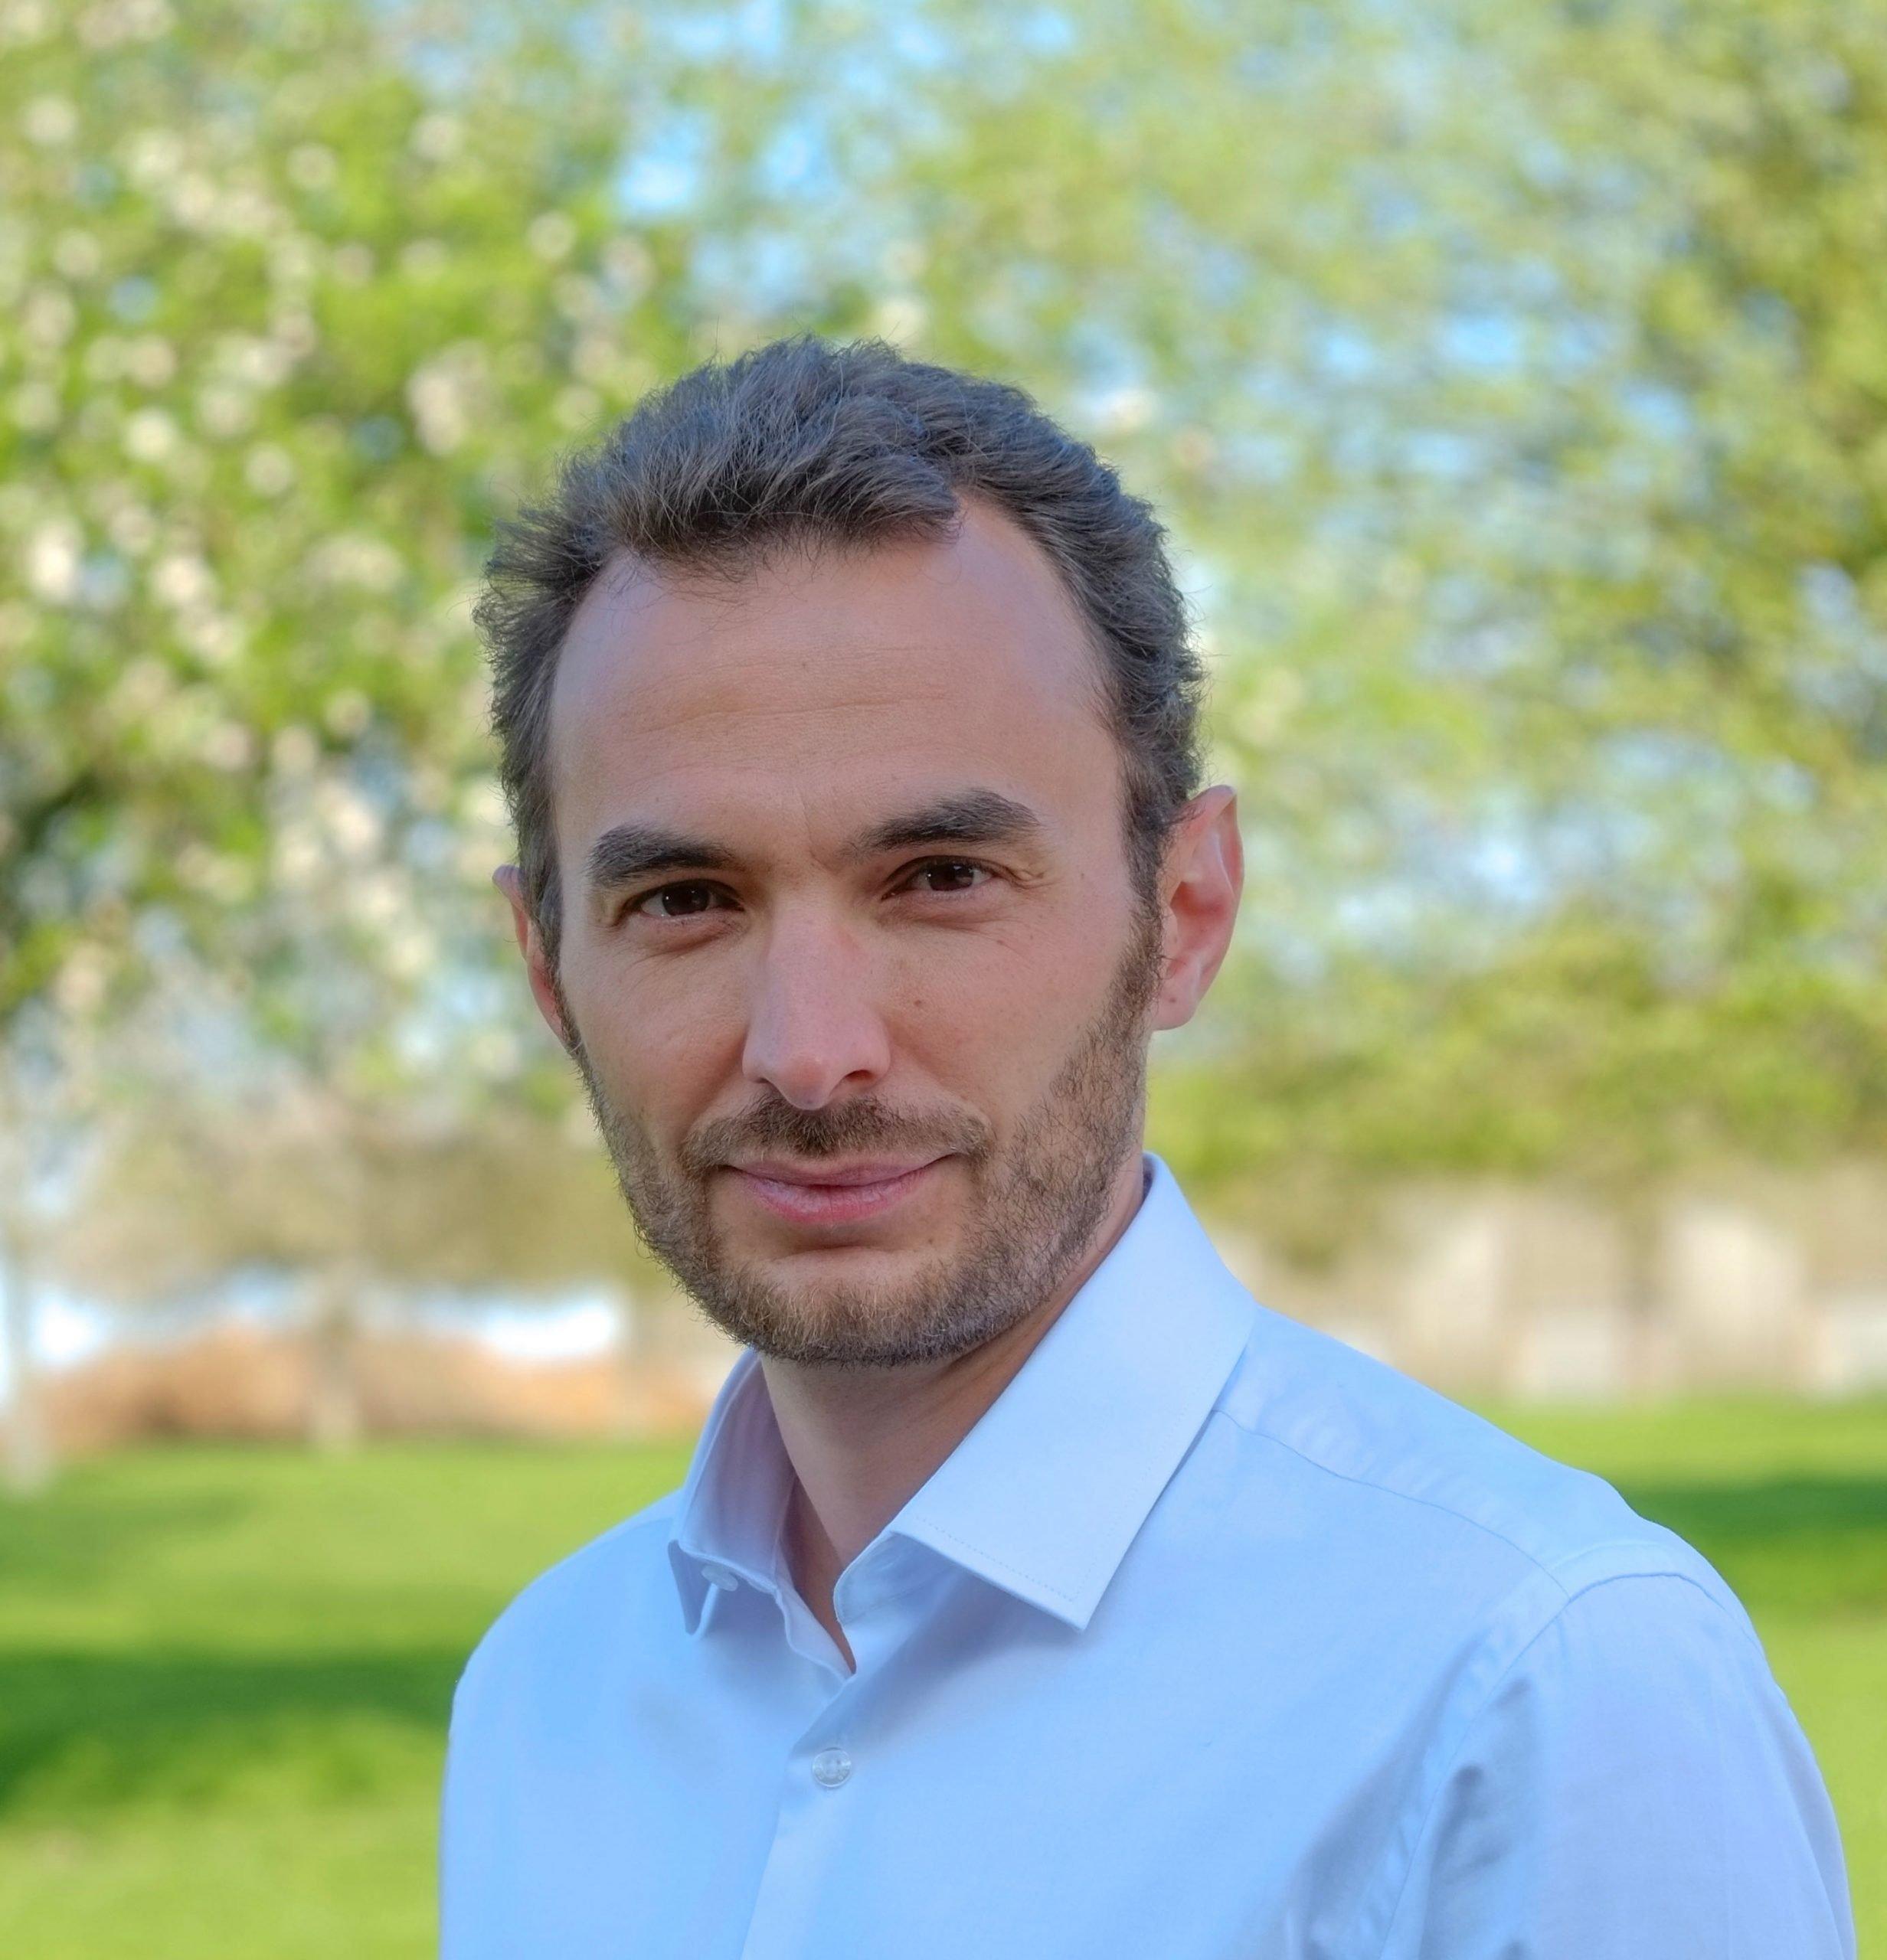 Frederic Clerc